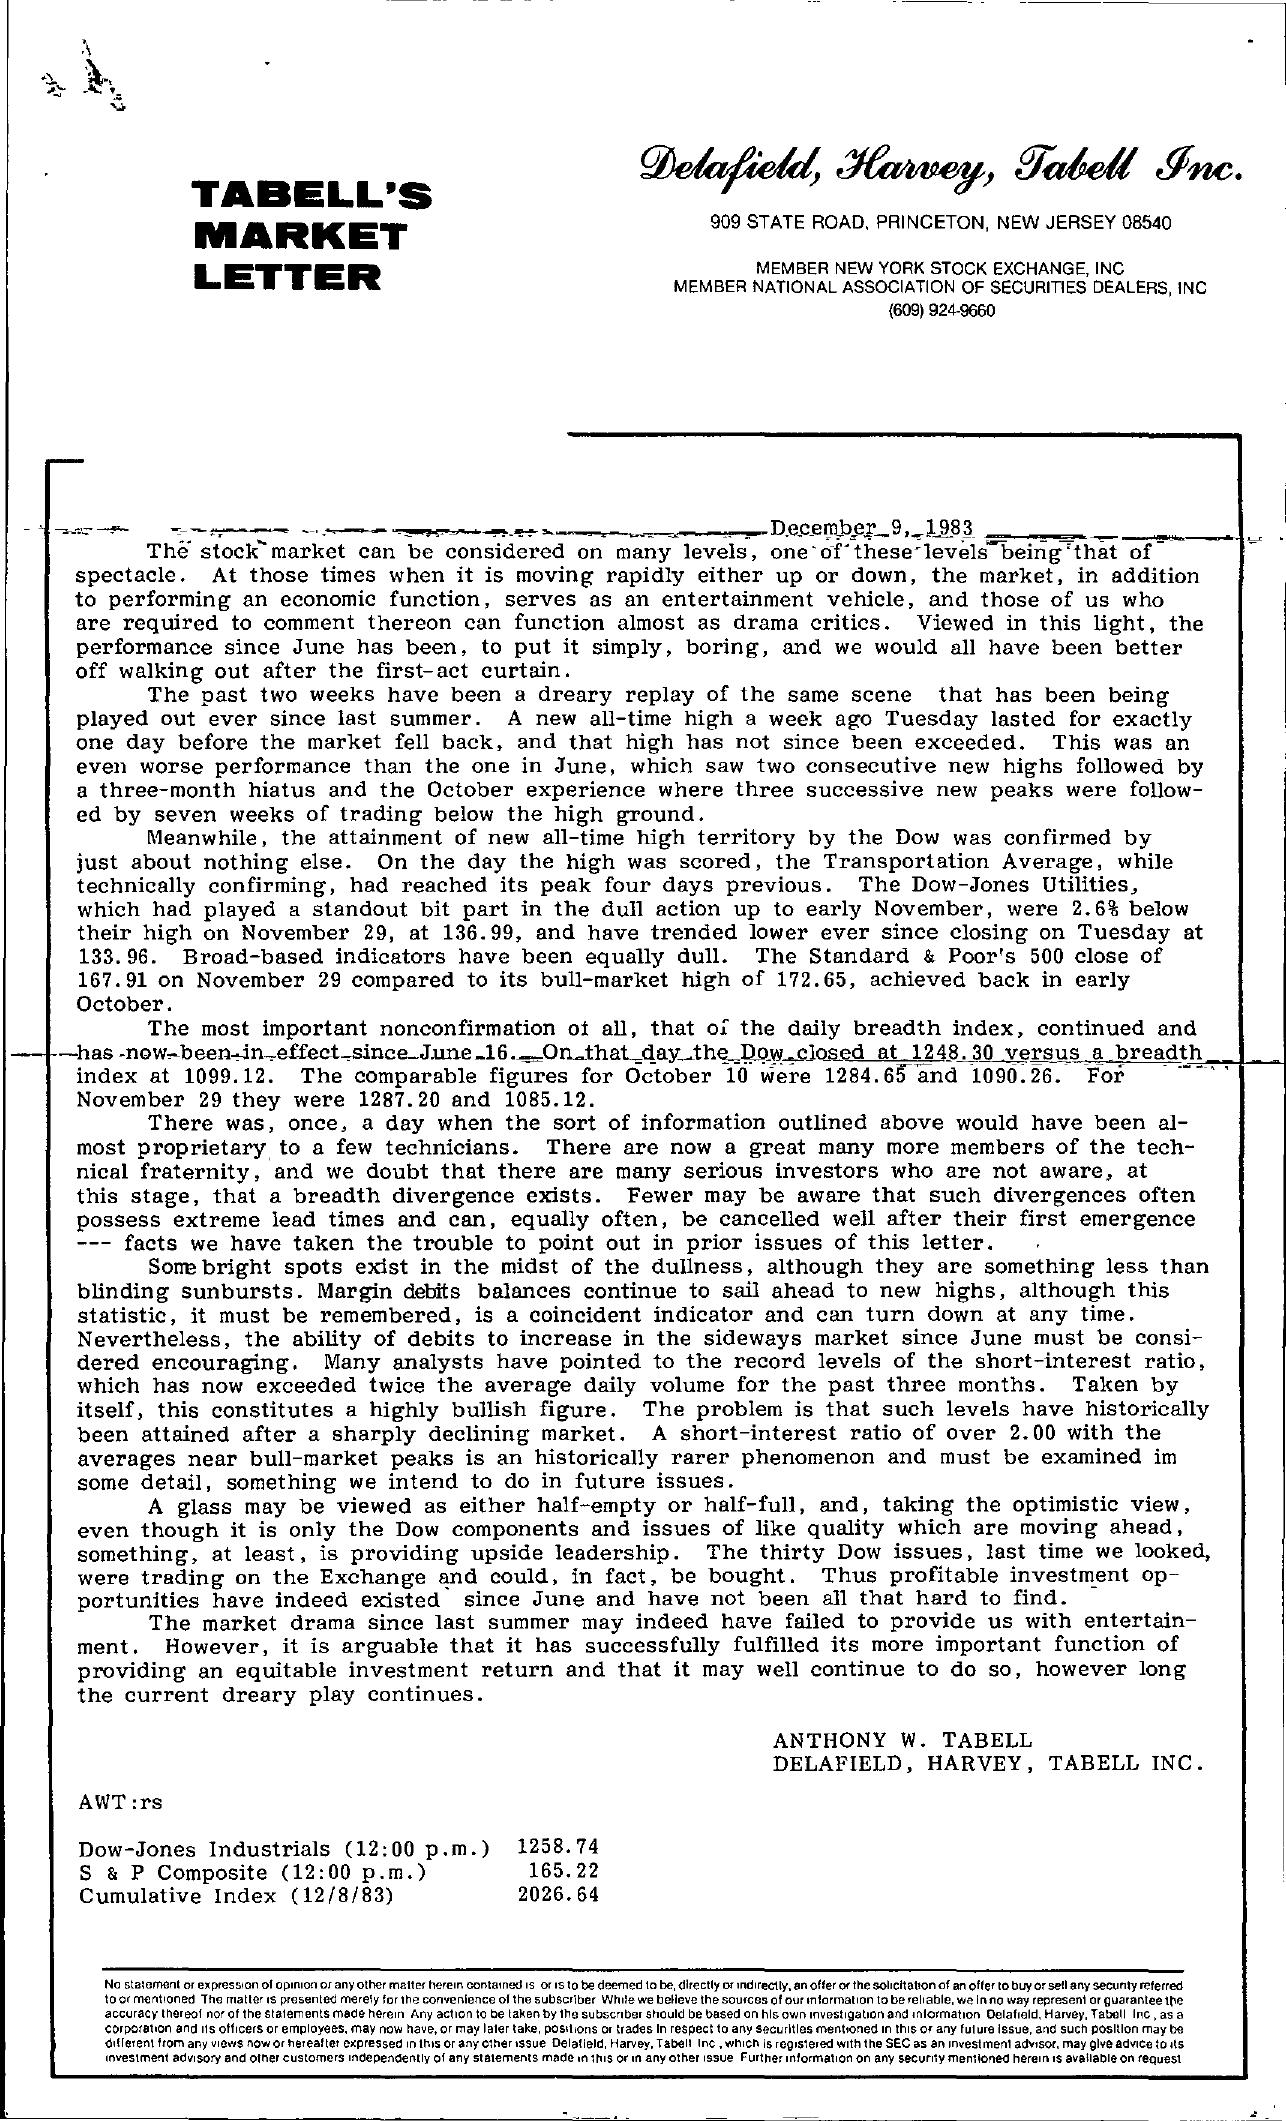 Tabell's Market Letter - December 09, 1983